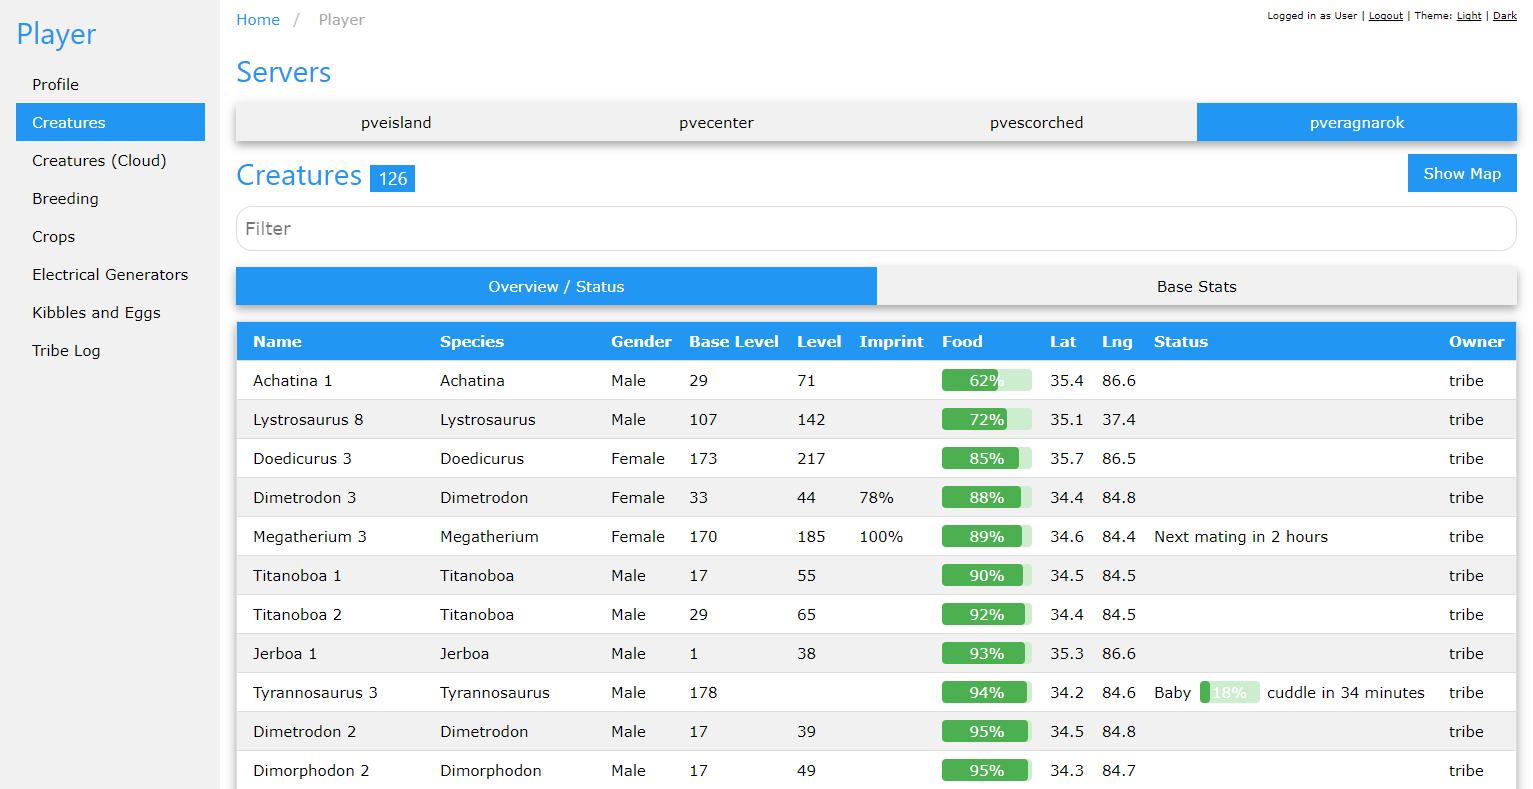 GitHub - ark-mod/ArkBot: ARK Survival Evolved application that